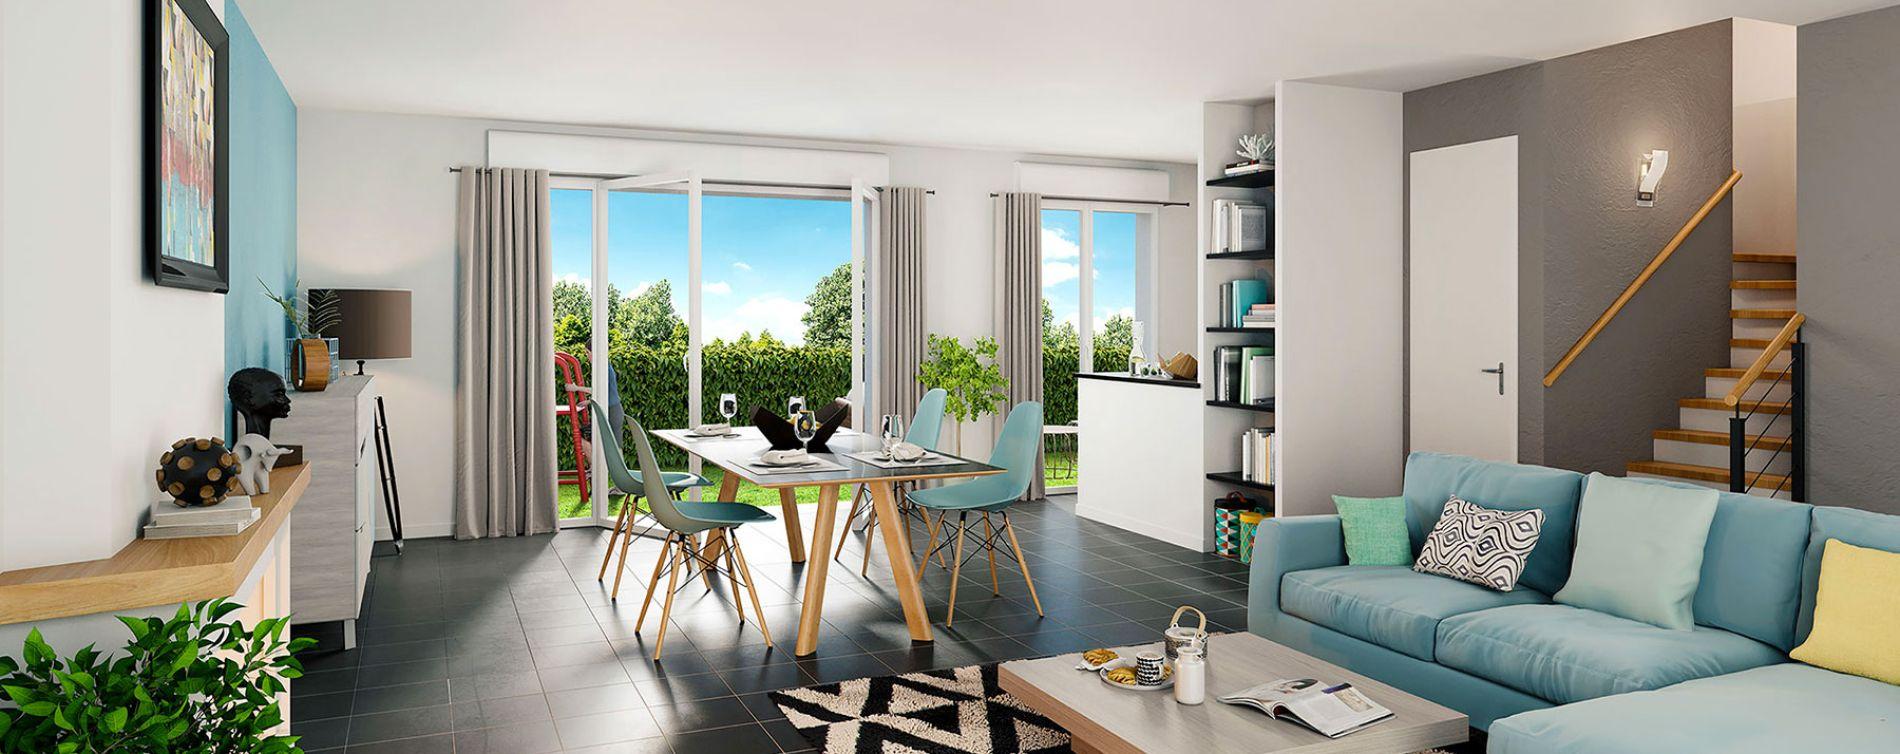 Pont-Évêque : programme immobilier neuve « Le Domaine d'Elise IV » (5)